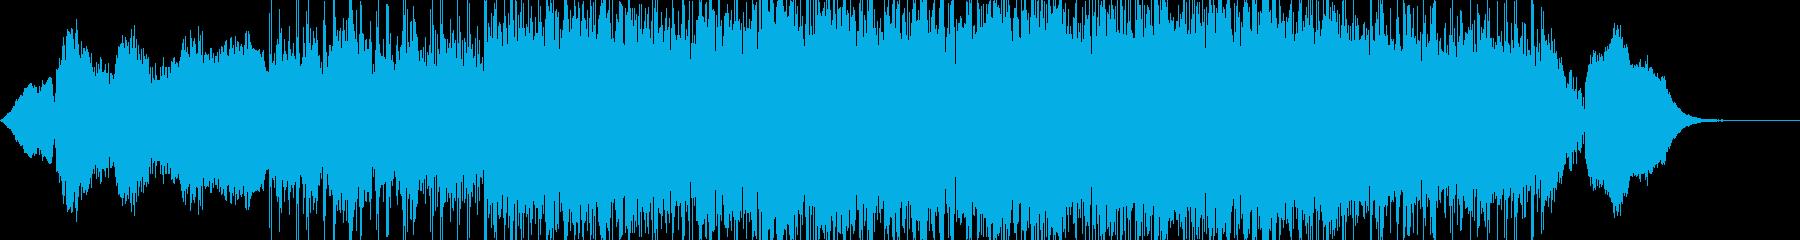 壮大 静か 前進 浮遊感 シンセ BGMの再生済みの波形